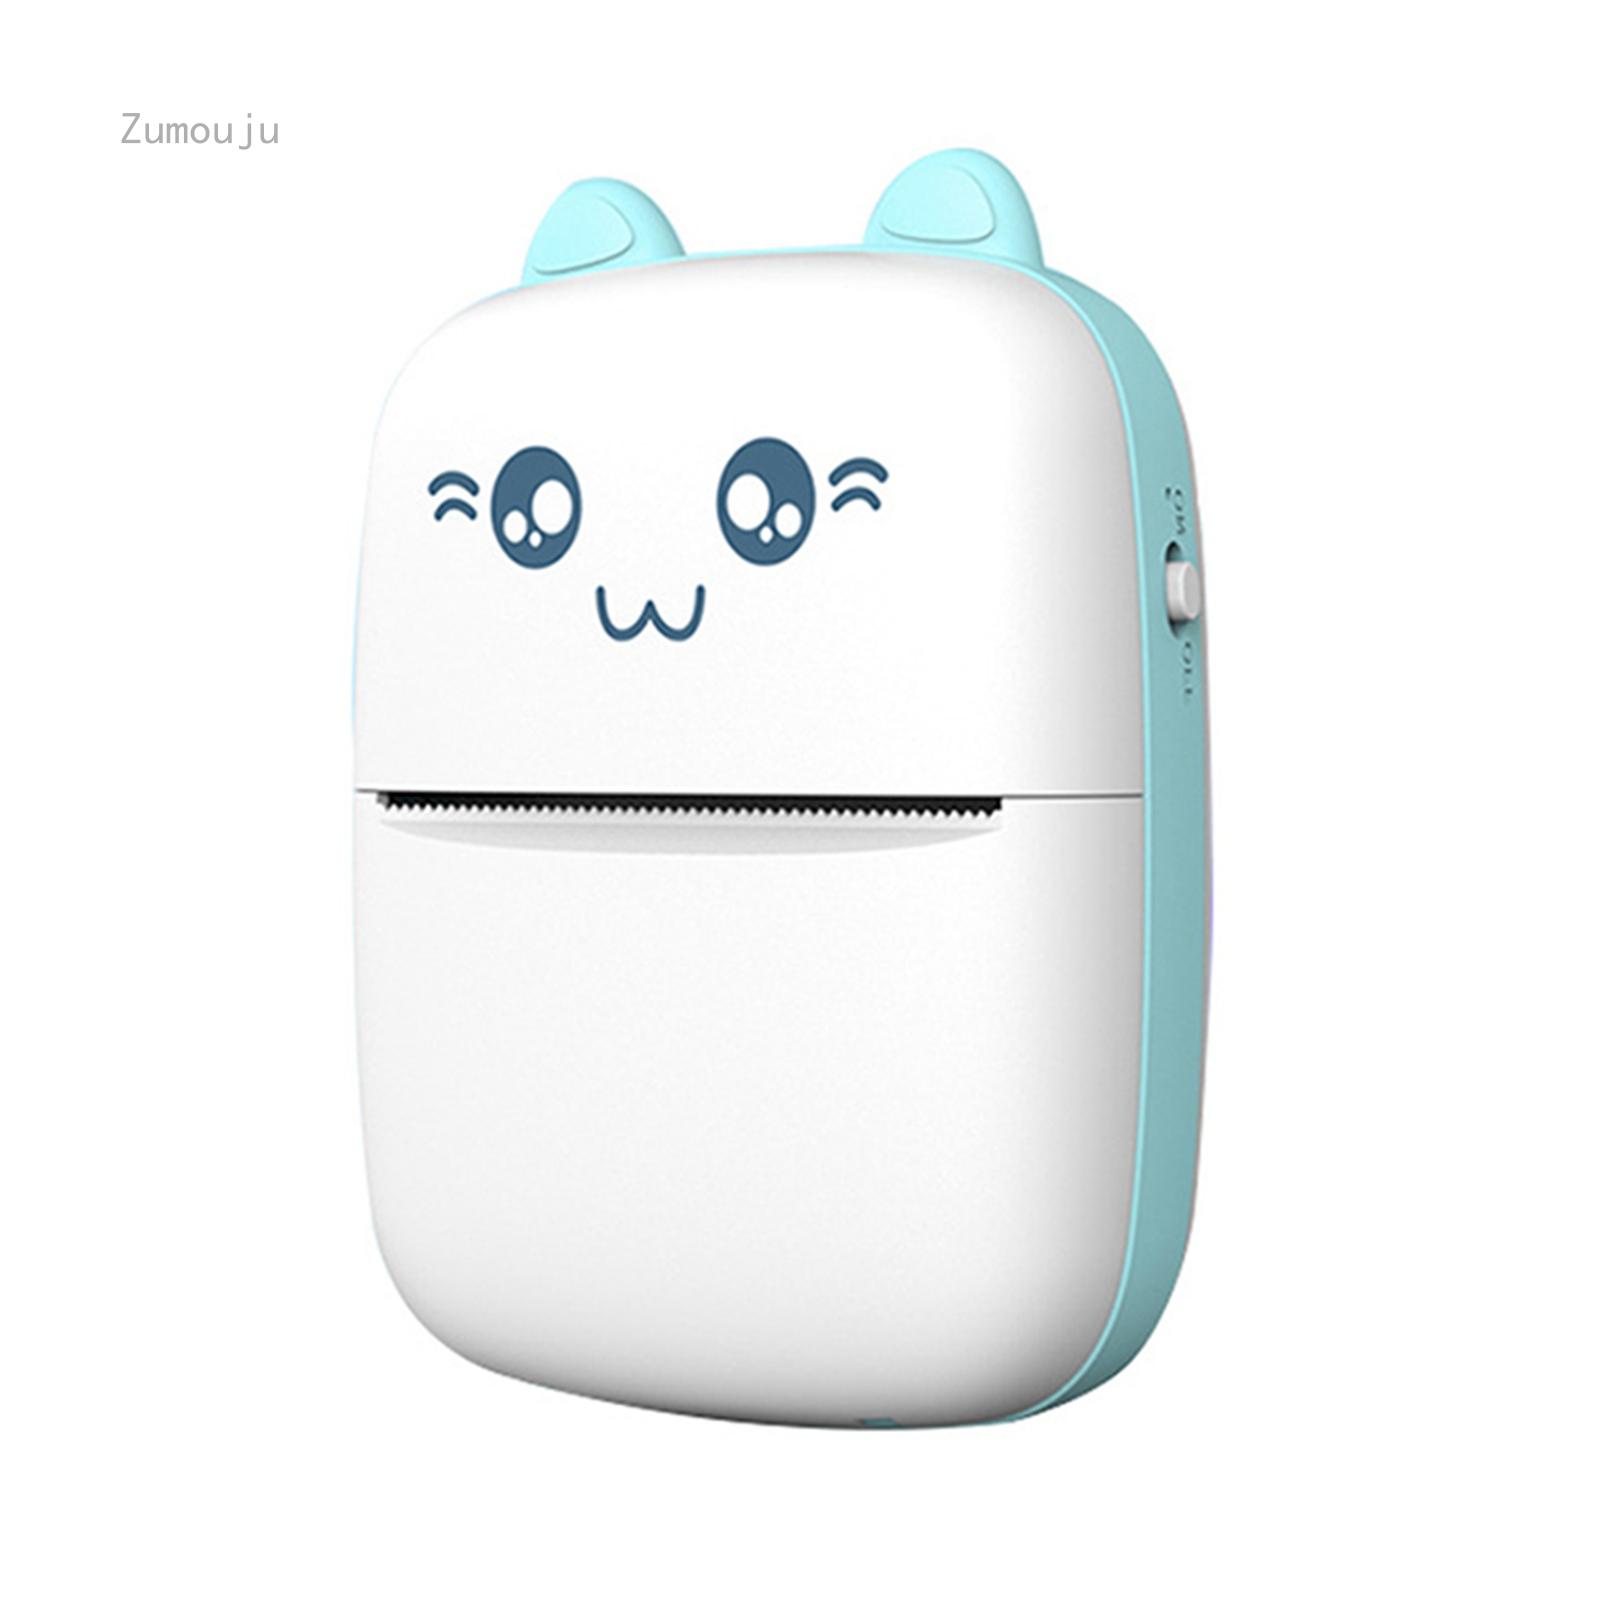 Máy In Nhãn Nhiệt USB Kết Nối Bluetooth Máy In Mini Cầm Tay Máy In Câu Hỏi Bỏ Túi Điện Thoại Di Động Cho Học Sinh/ Giấy In